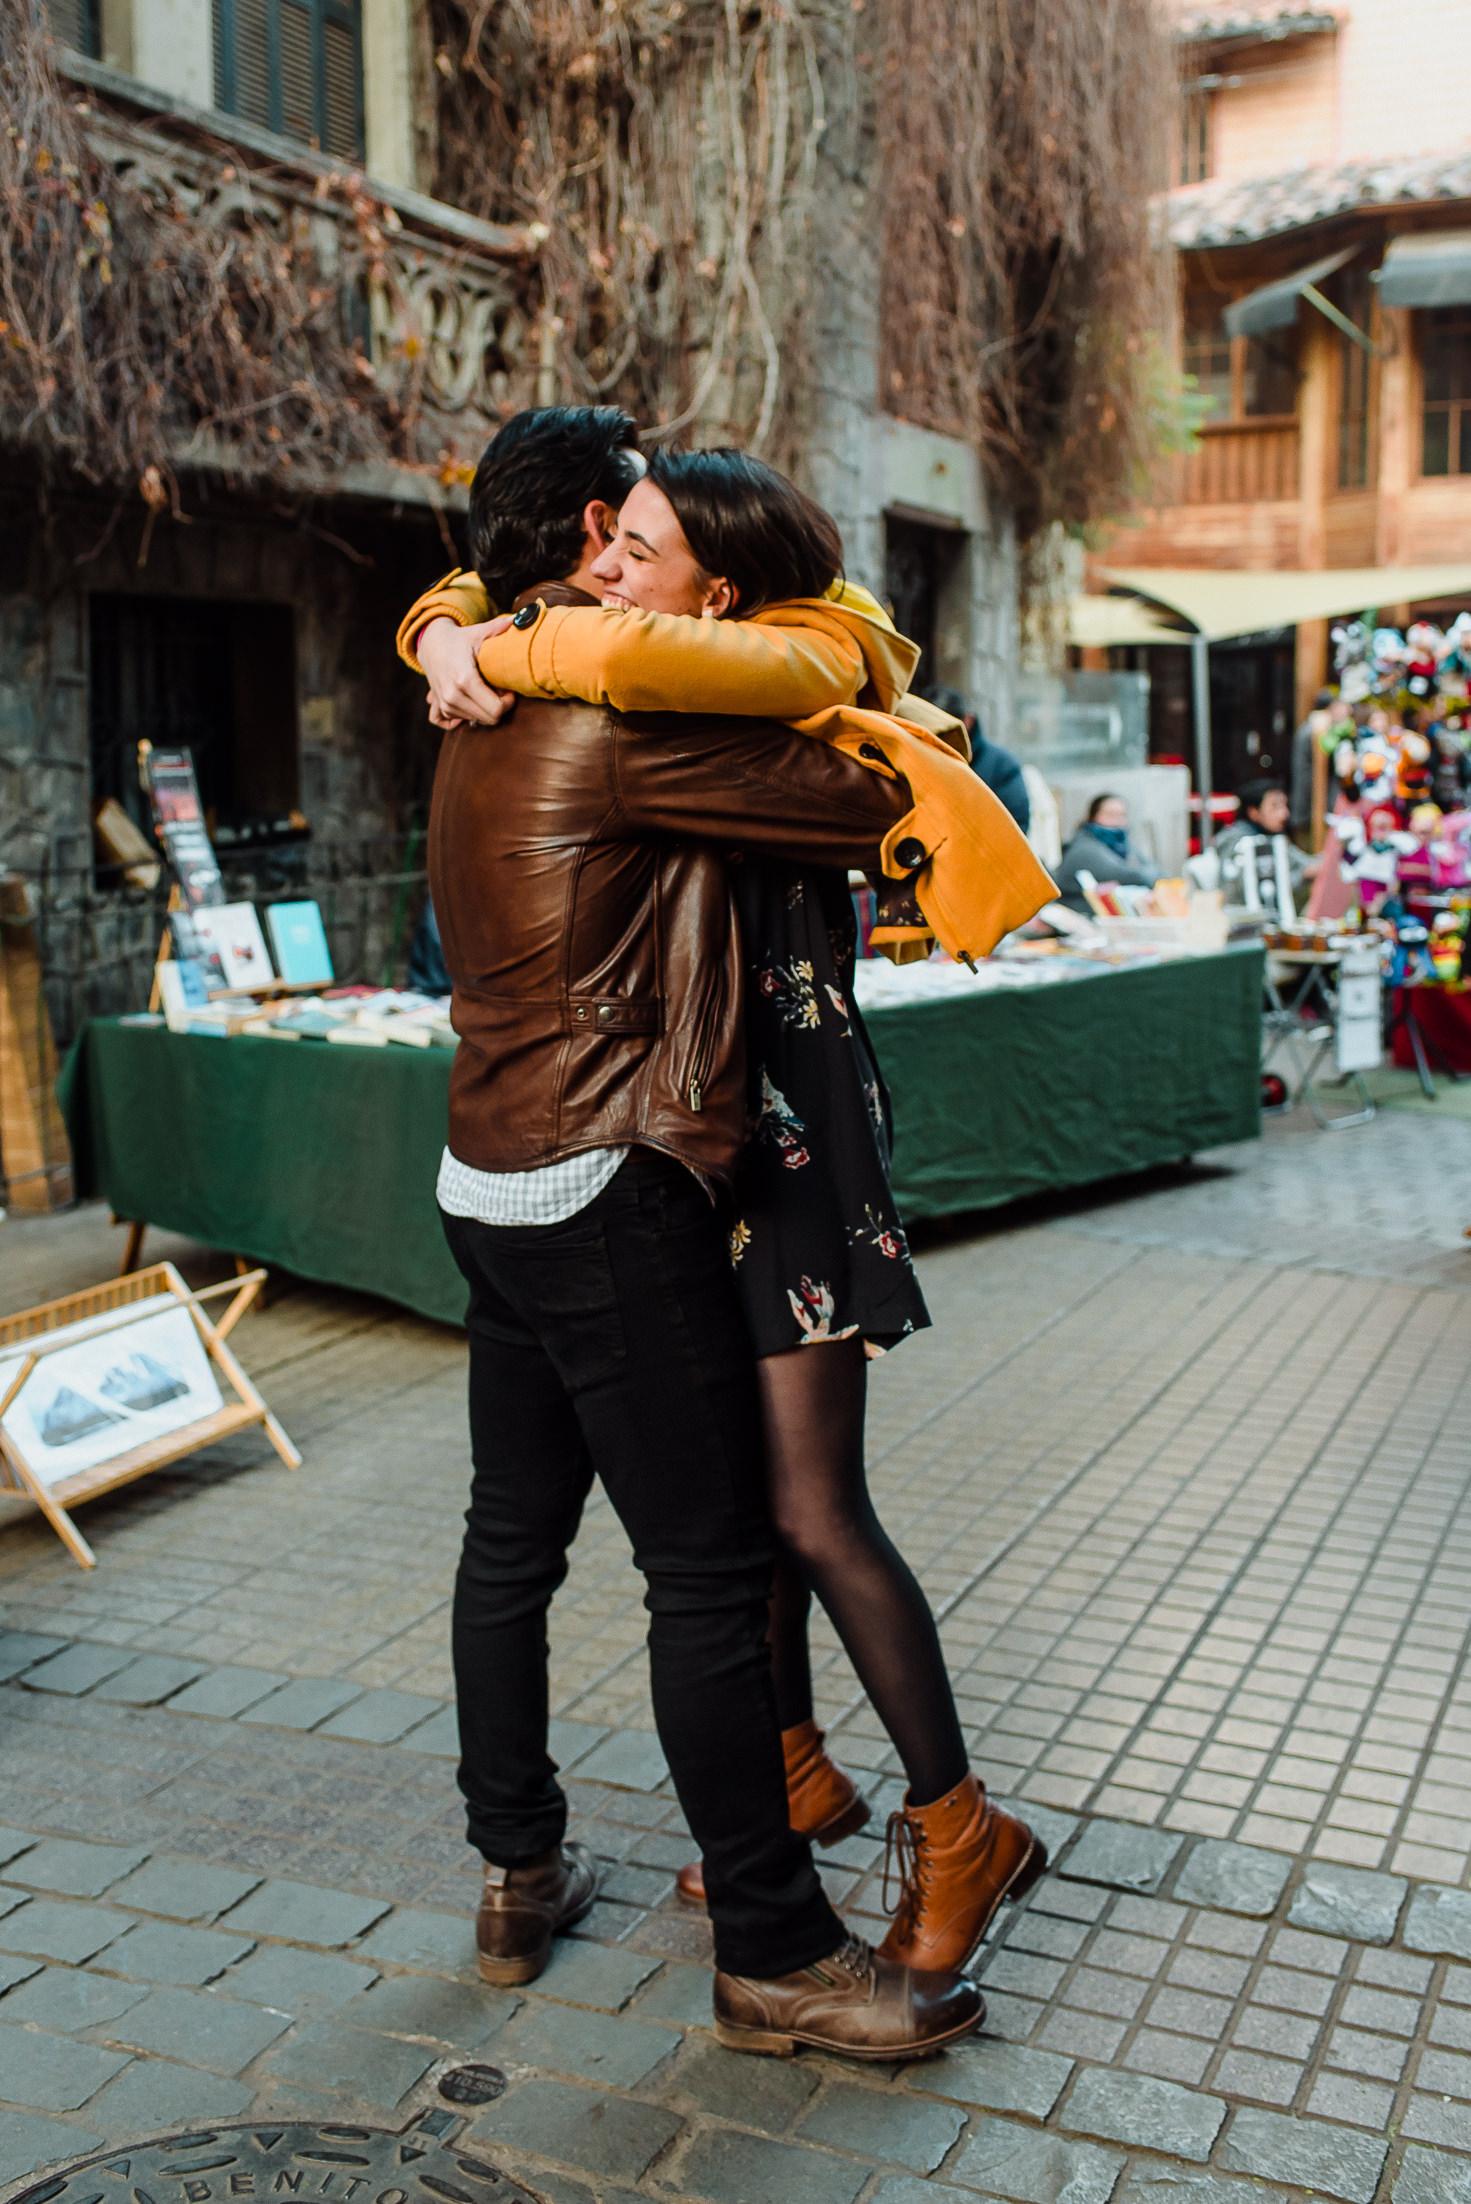 fotografia-novios-preboda-engagement-sesion-lastarria-deborah-dantzoff-fotografo-matrimonios-chile